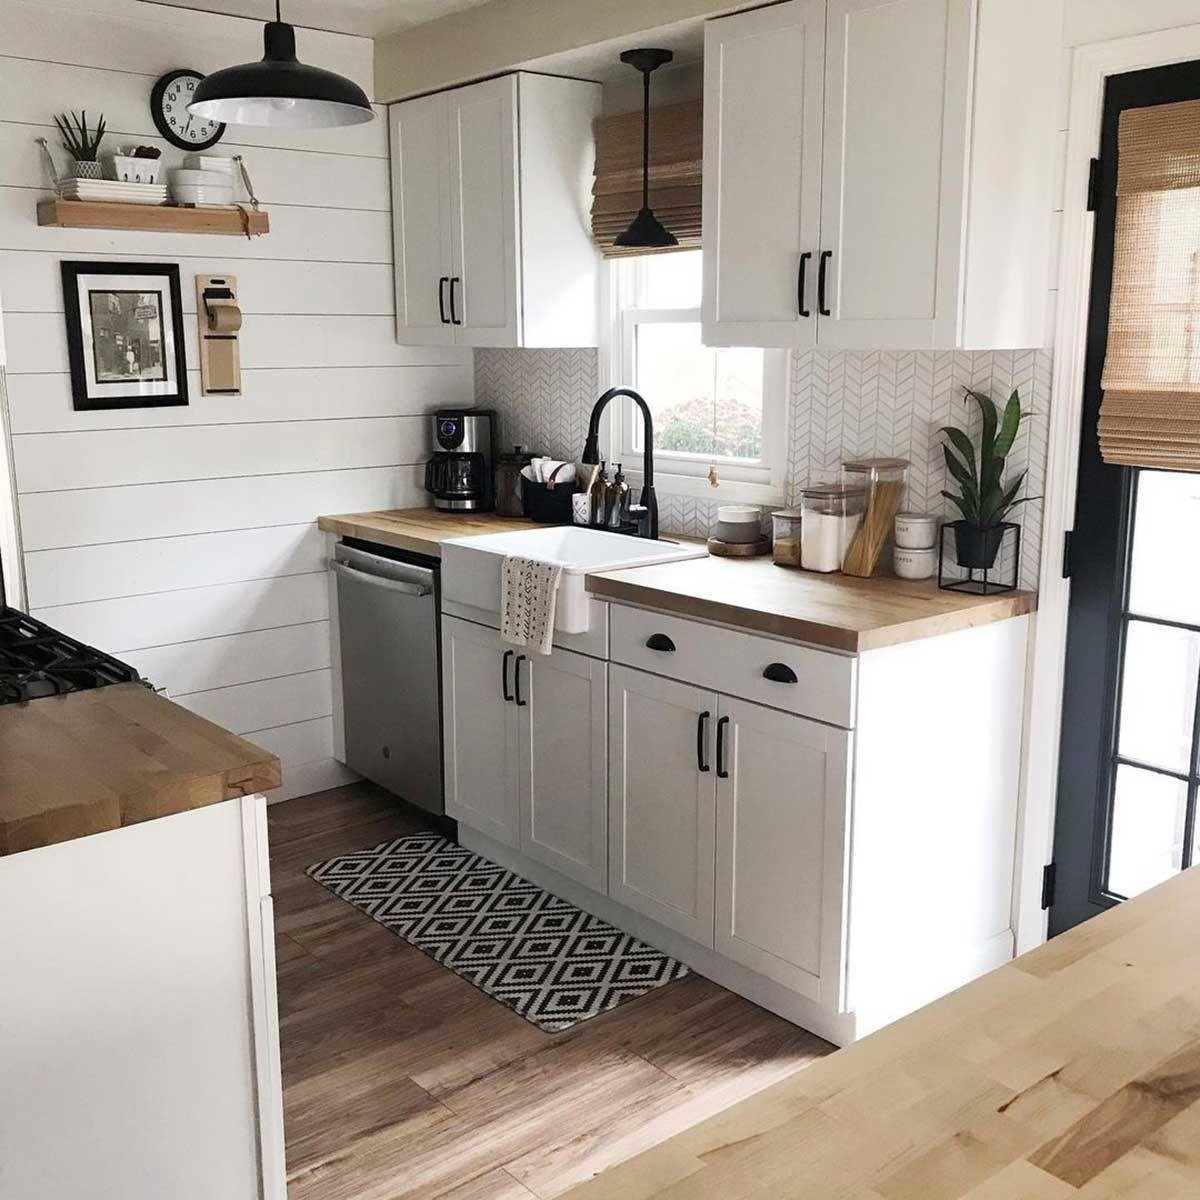 10 Small Kitchen Decor And Design Ideas In 2021 Kitchen Design Small Small Kitchen Decor Small Kitchen Renovations